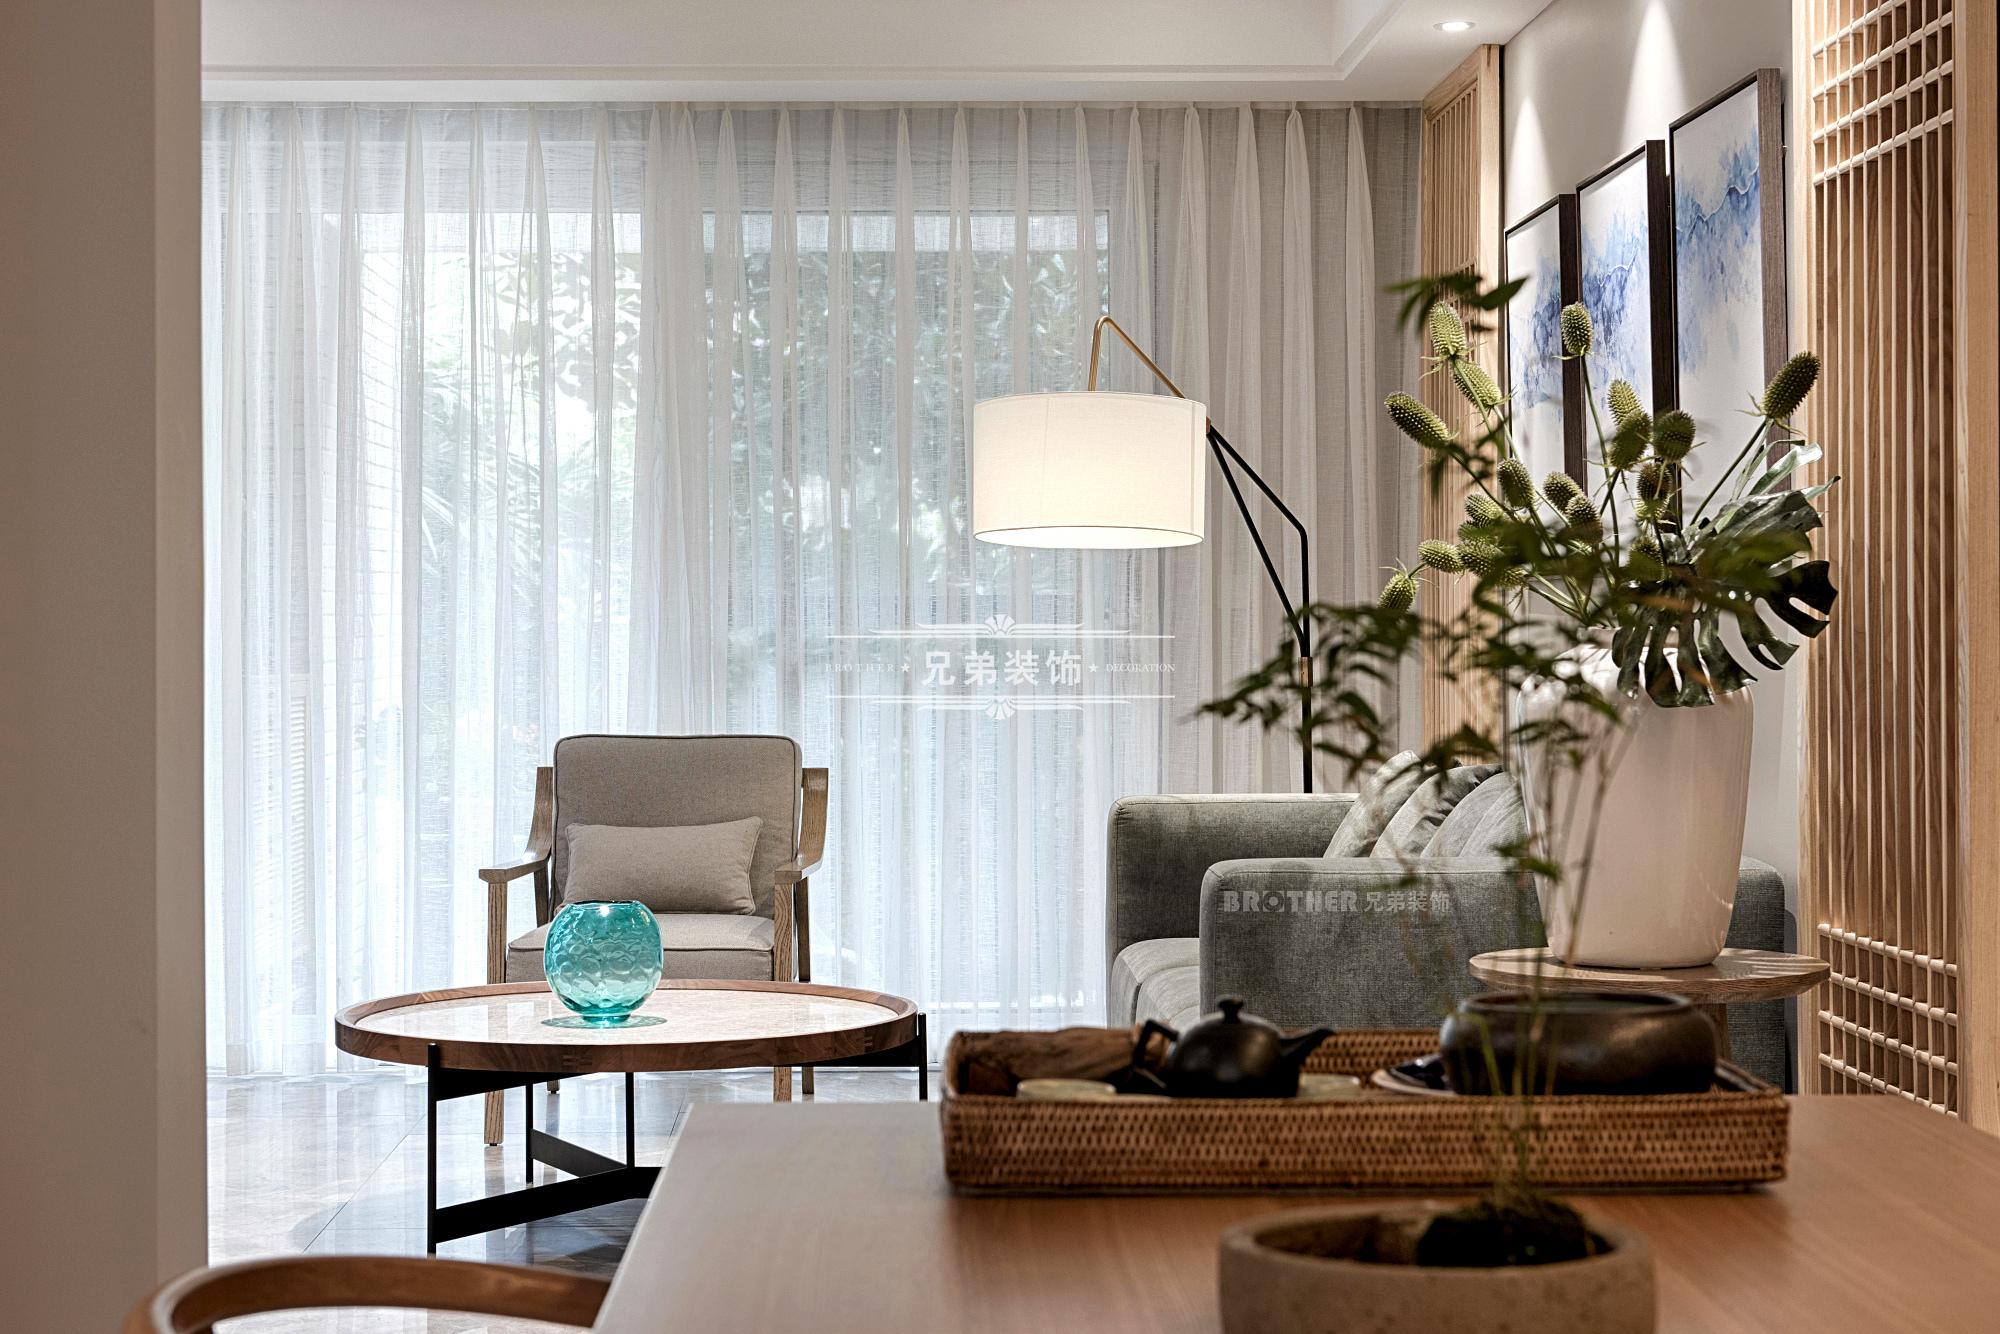 中式 洋房 设计 客厅图片来自重庆兄弟装饰黄妃在设计腕获奖作作品,兄弟装饰全案的分享